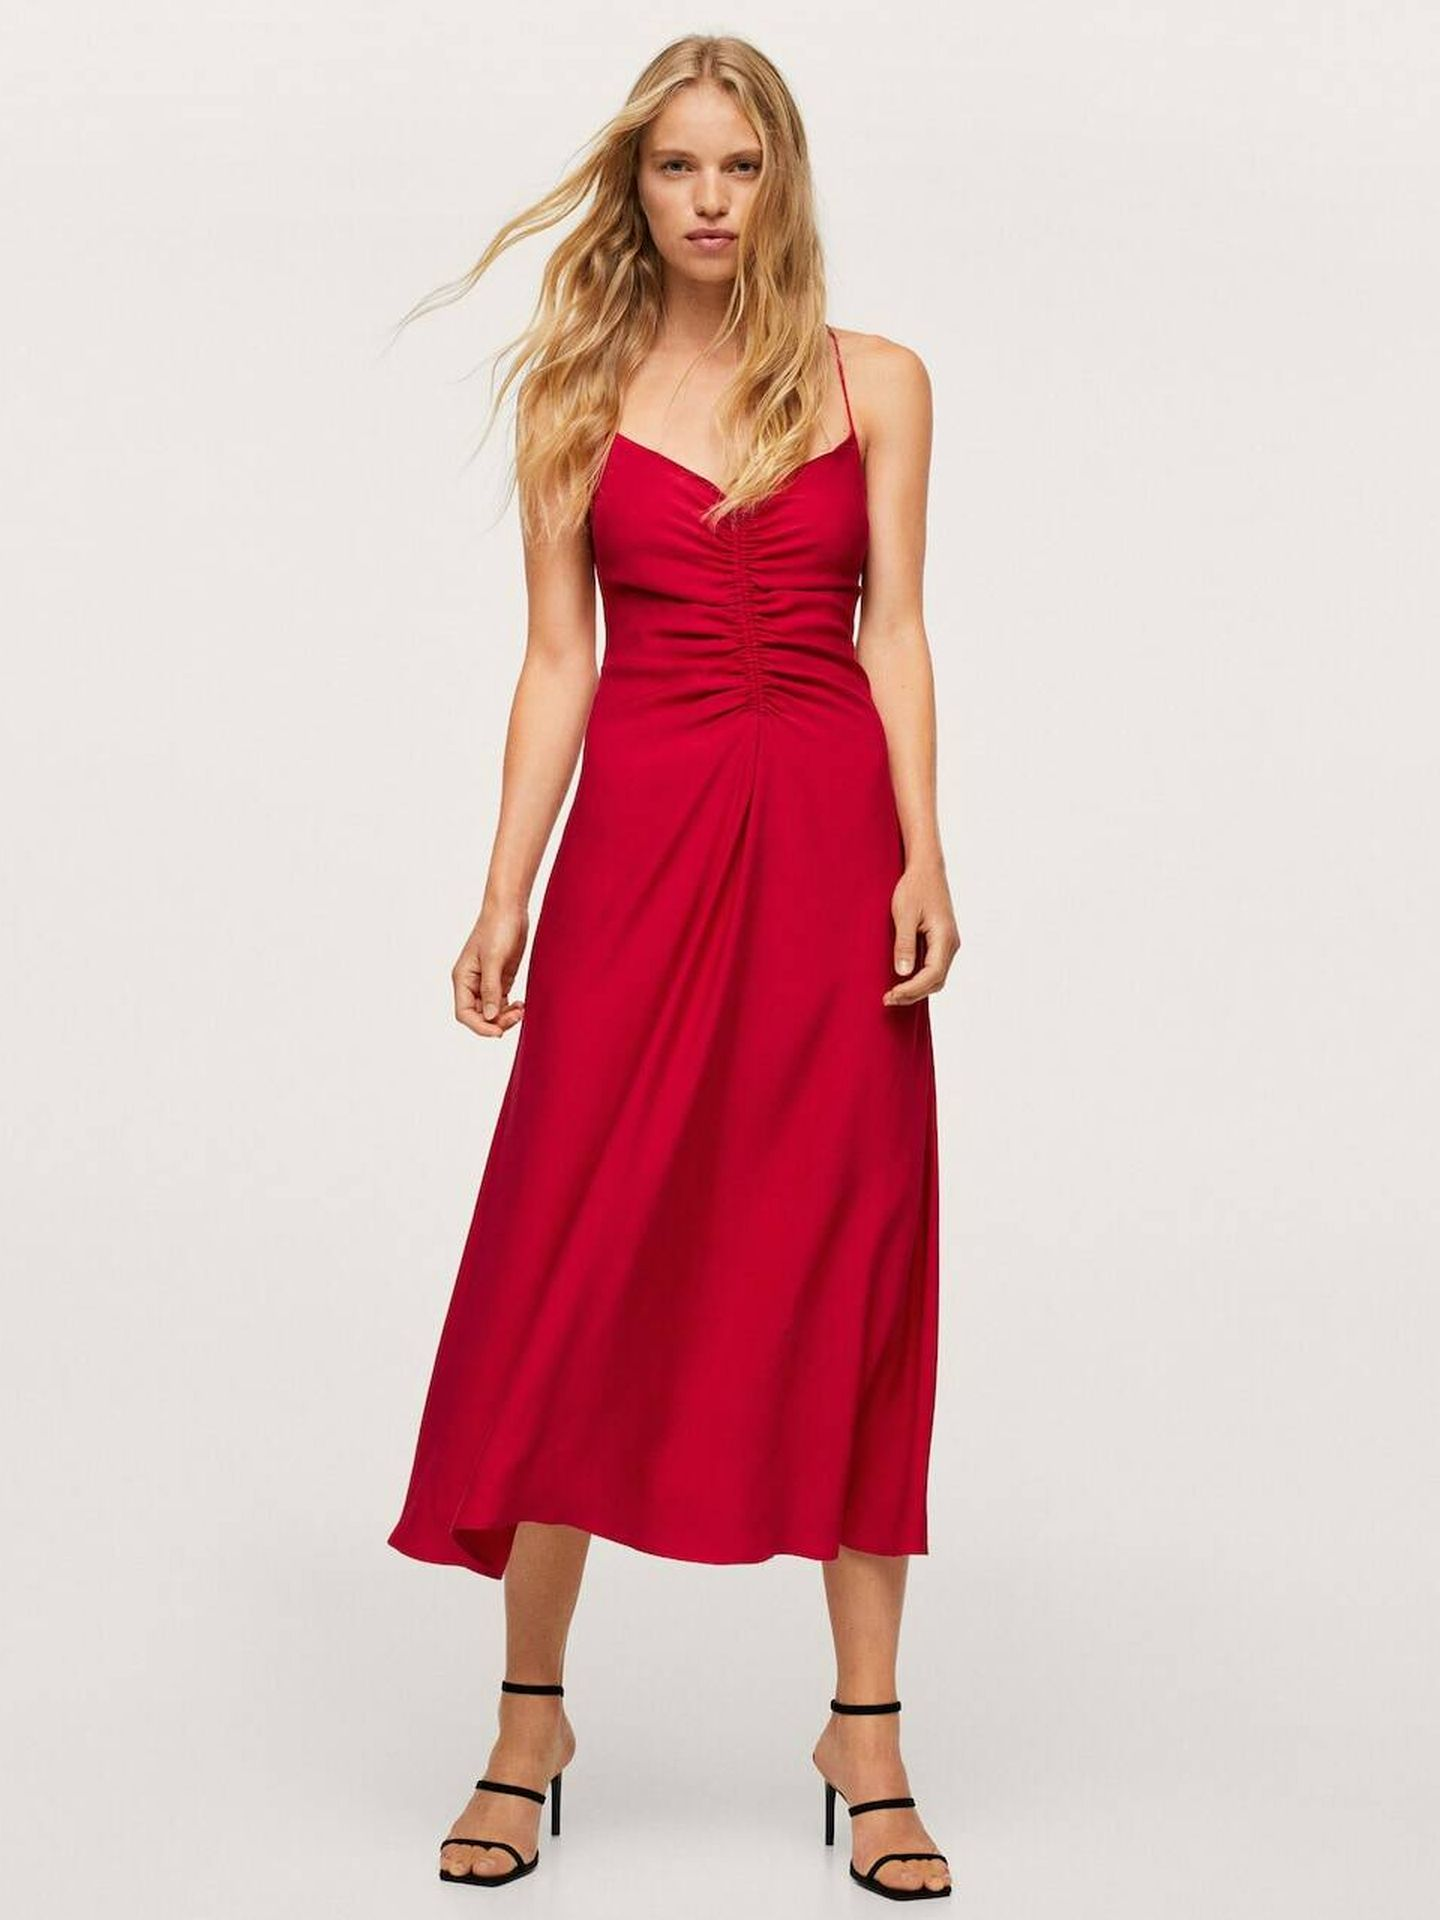 Vestido rojo de Mango. (Cortesía)